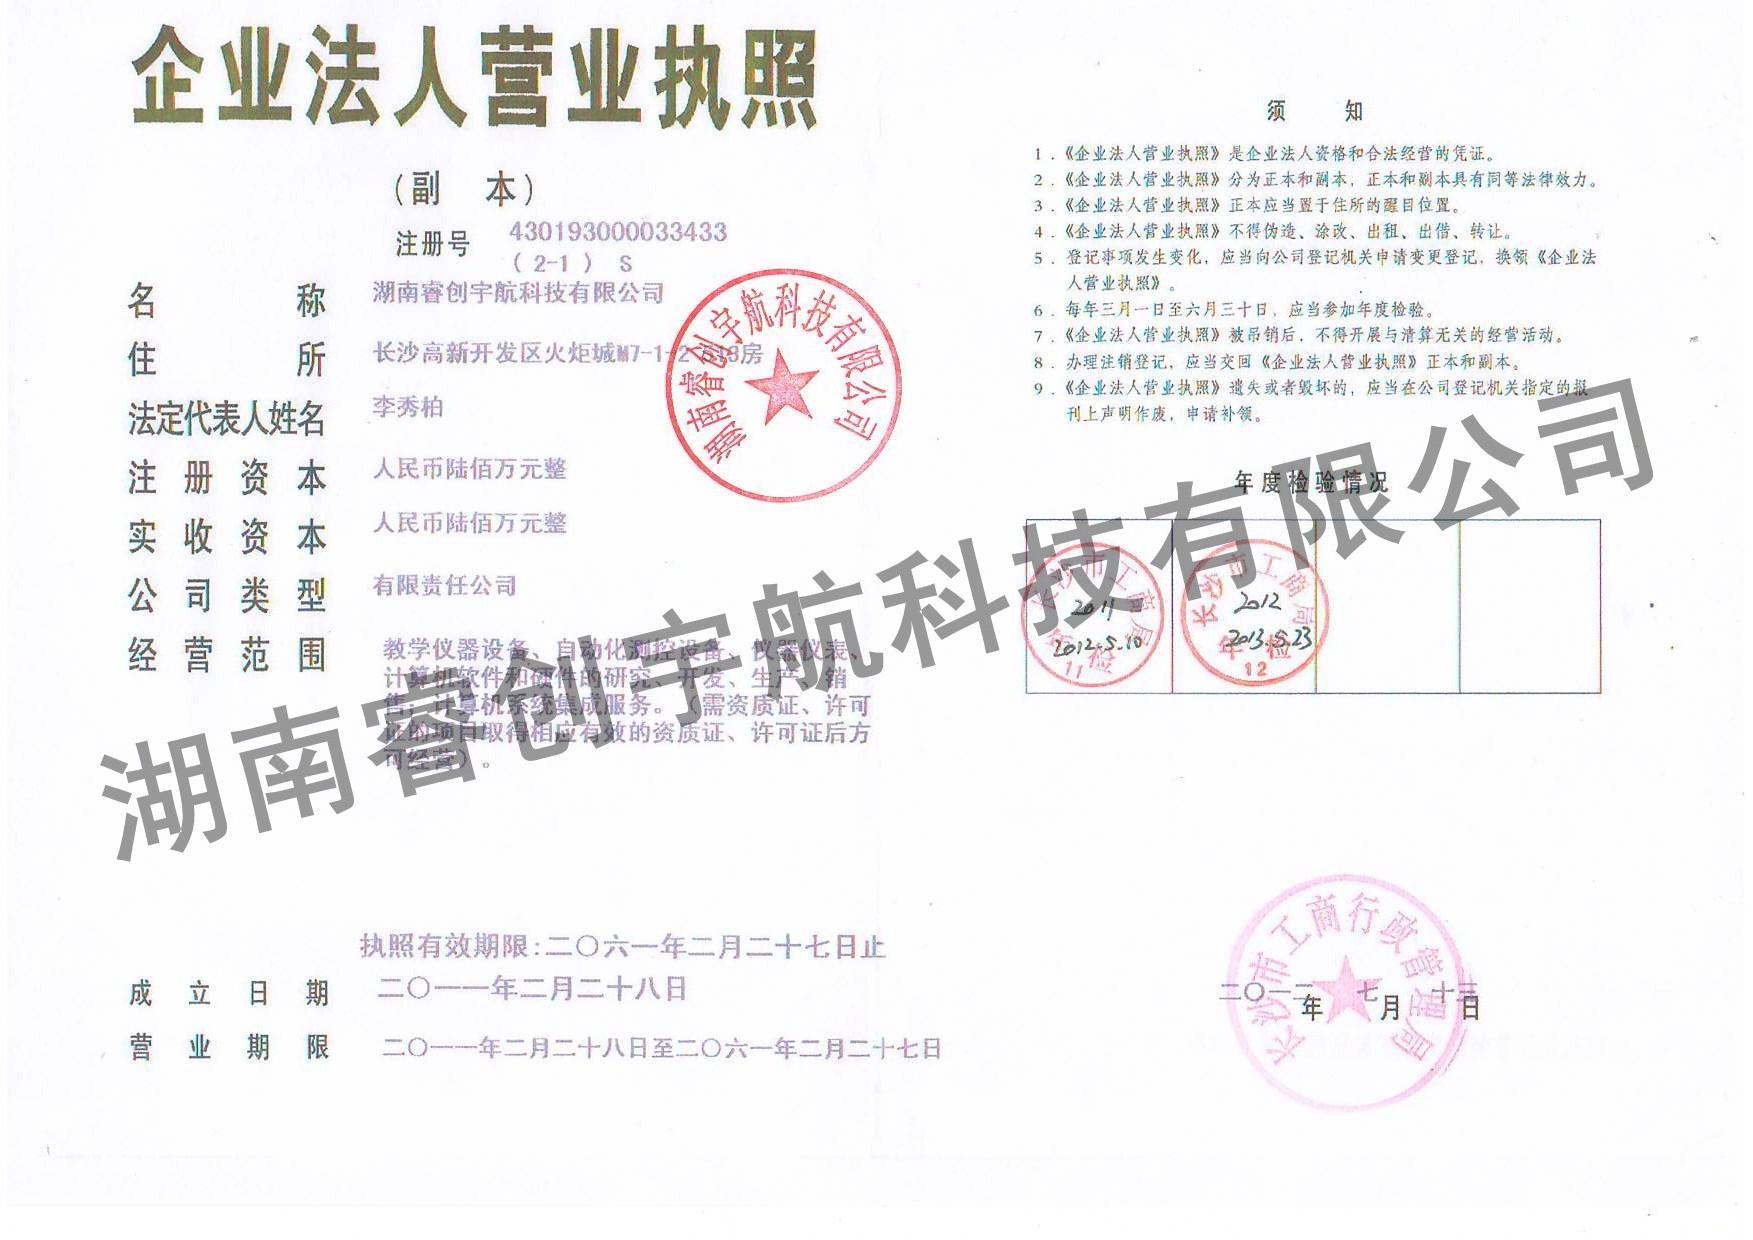 湖南睿创宇航科技有限公司